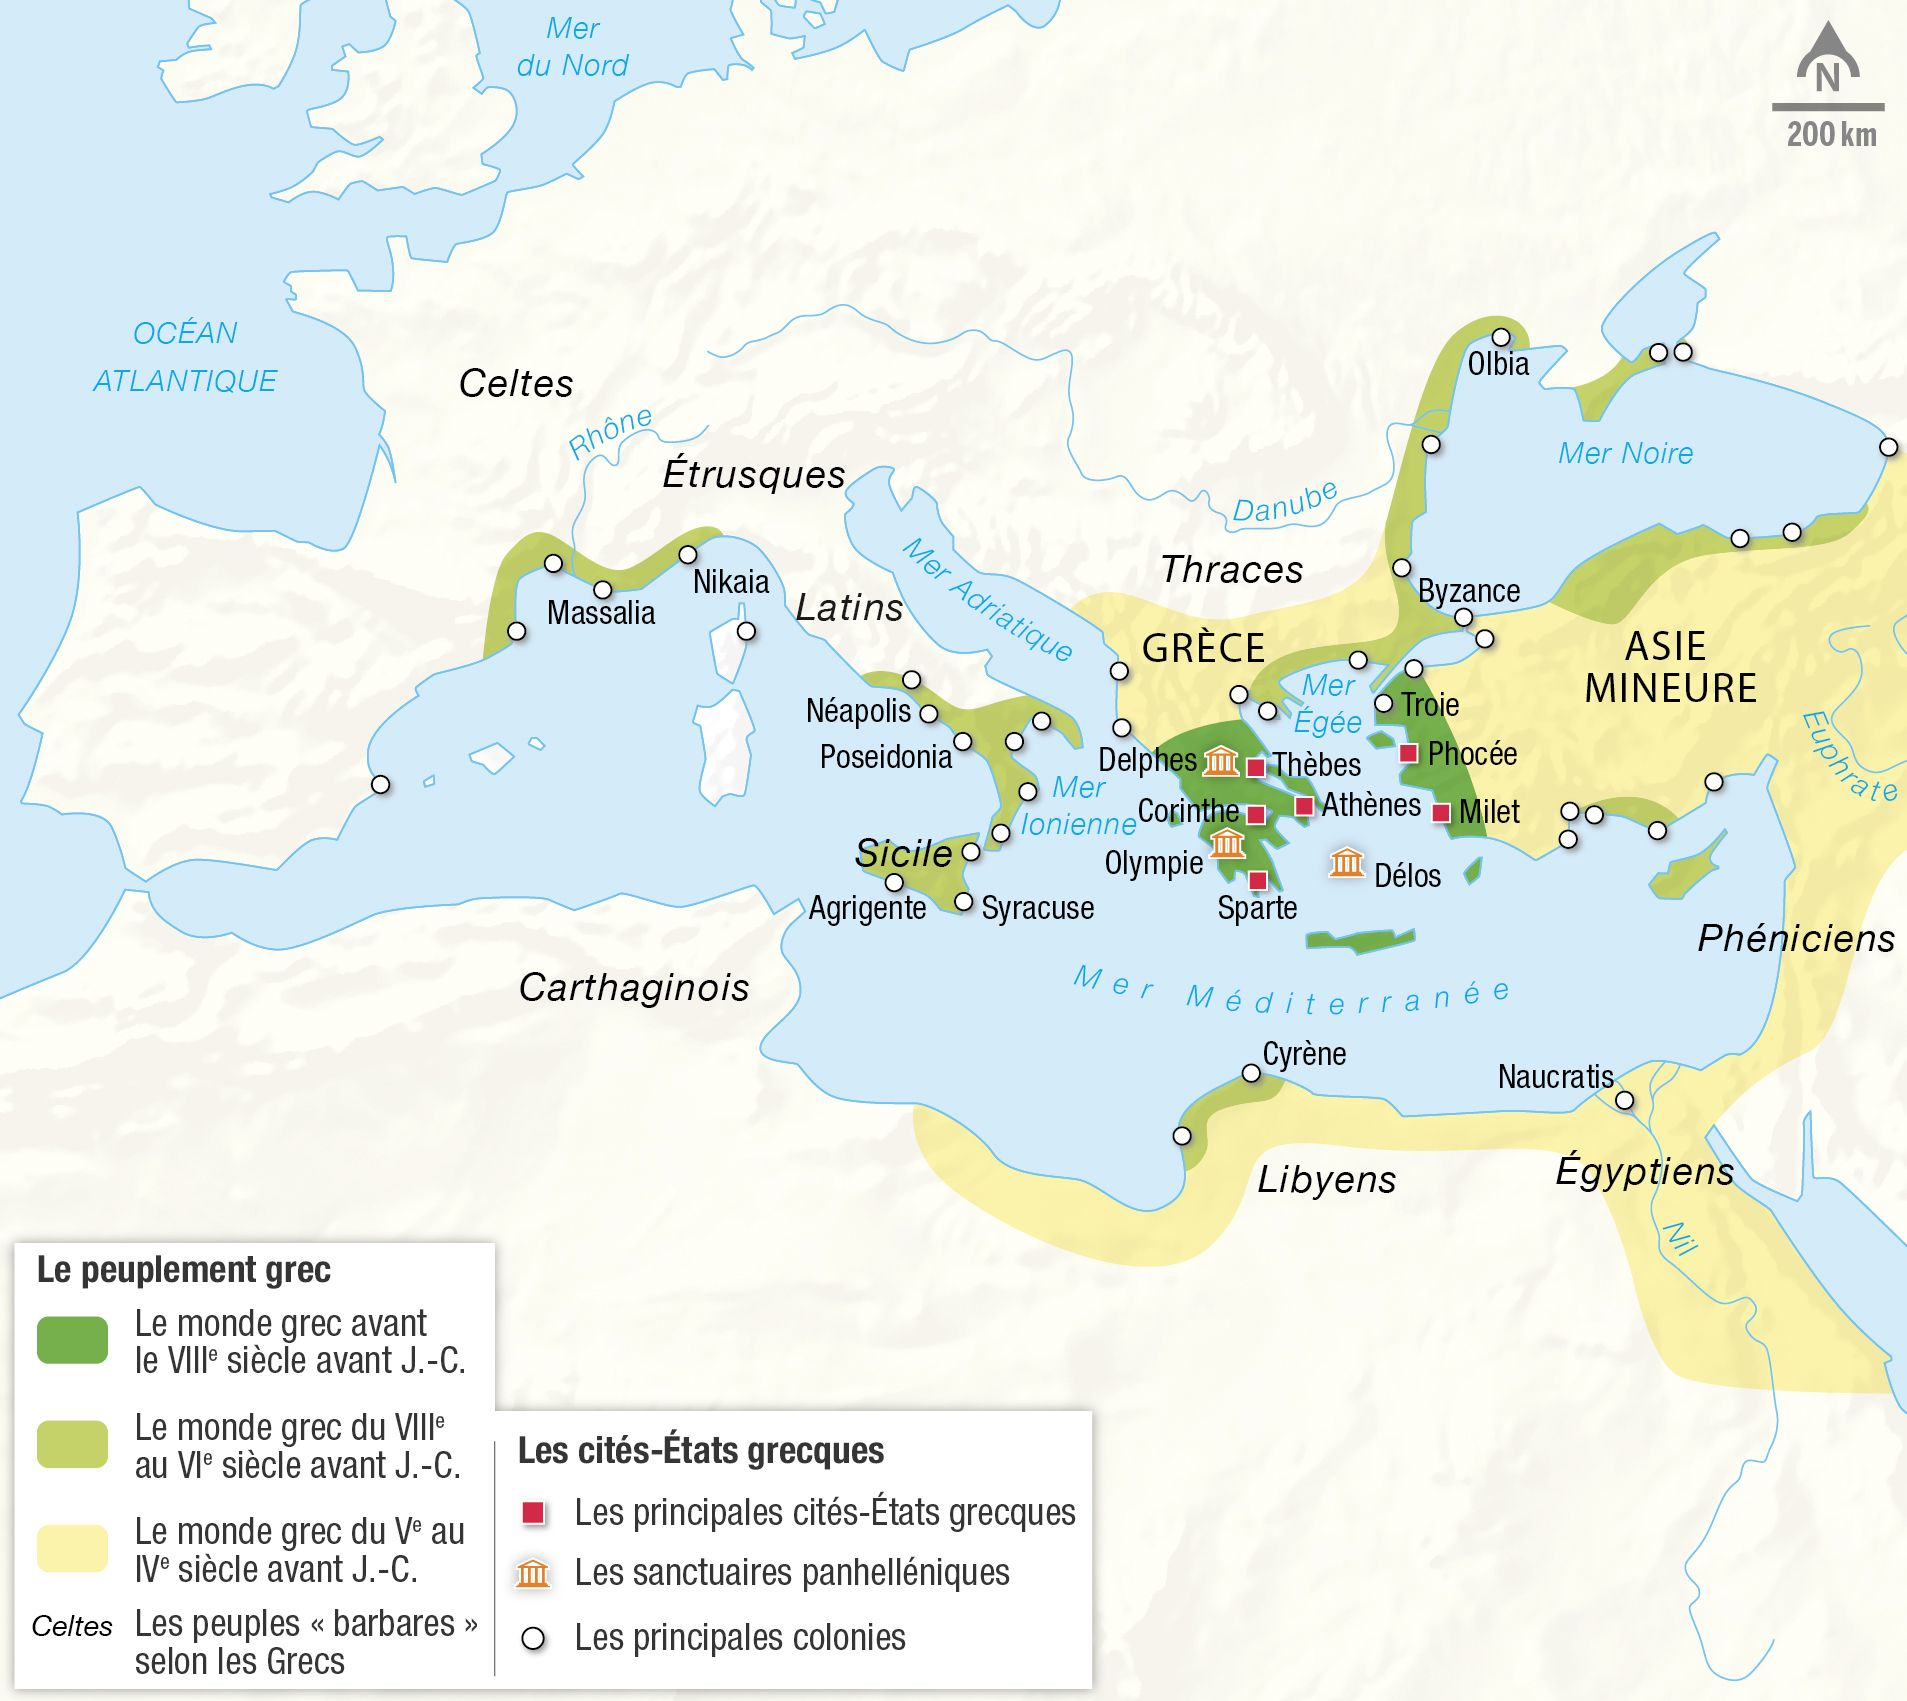 <stamp theme='his-green2'>Doc. 2</stamp> La Méditerranée et le monde grec au Ier millénaire avant J.-C.